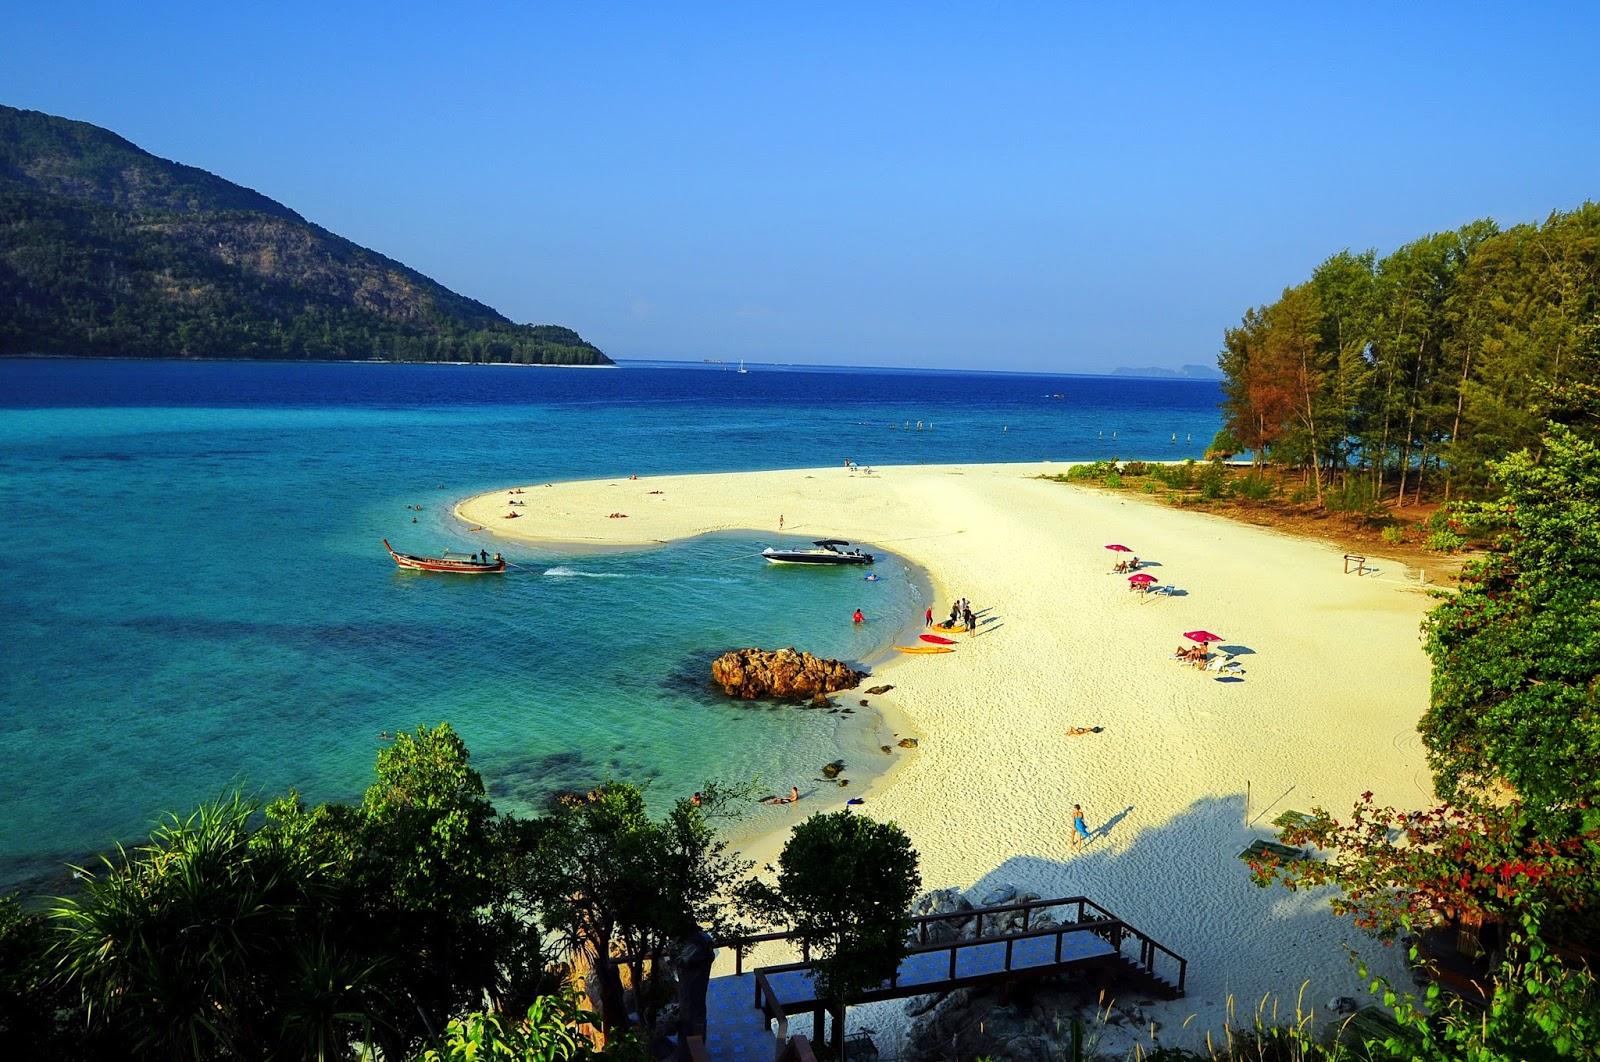 أجمل وأروع الشواطئ على جزيرة في في تايلاند | اروع شواطئ جزيرة فى فى